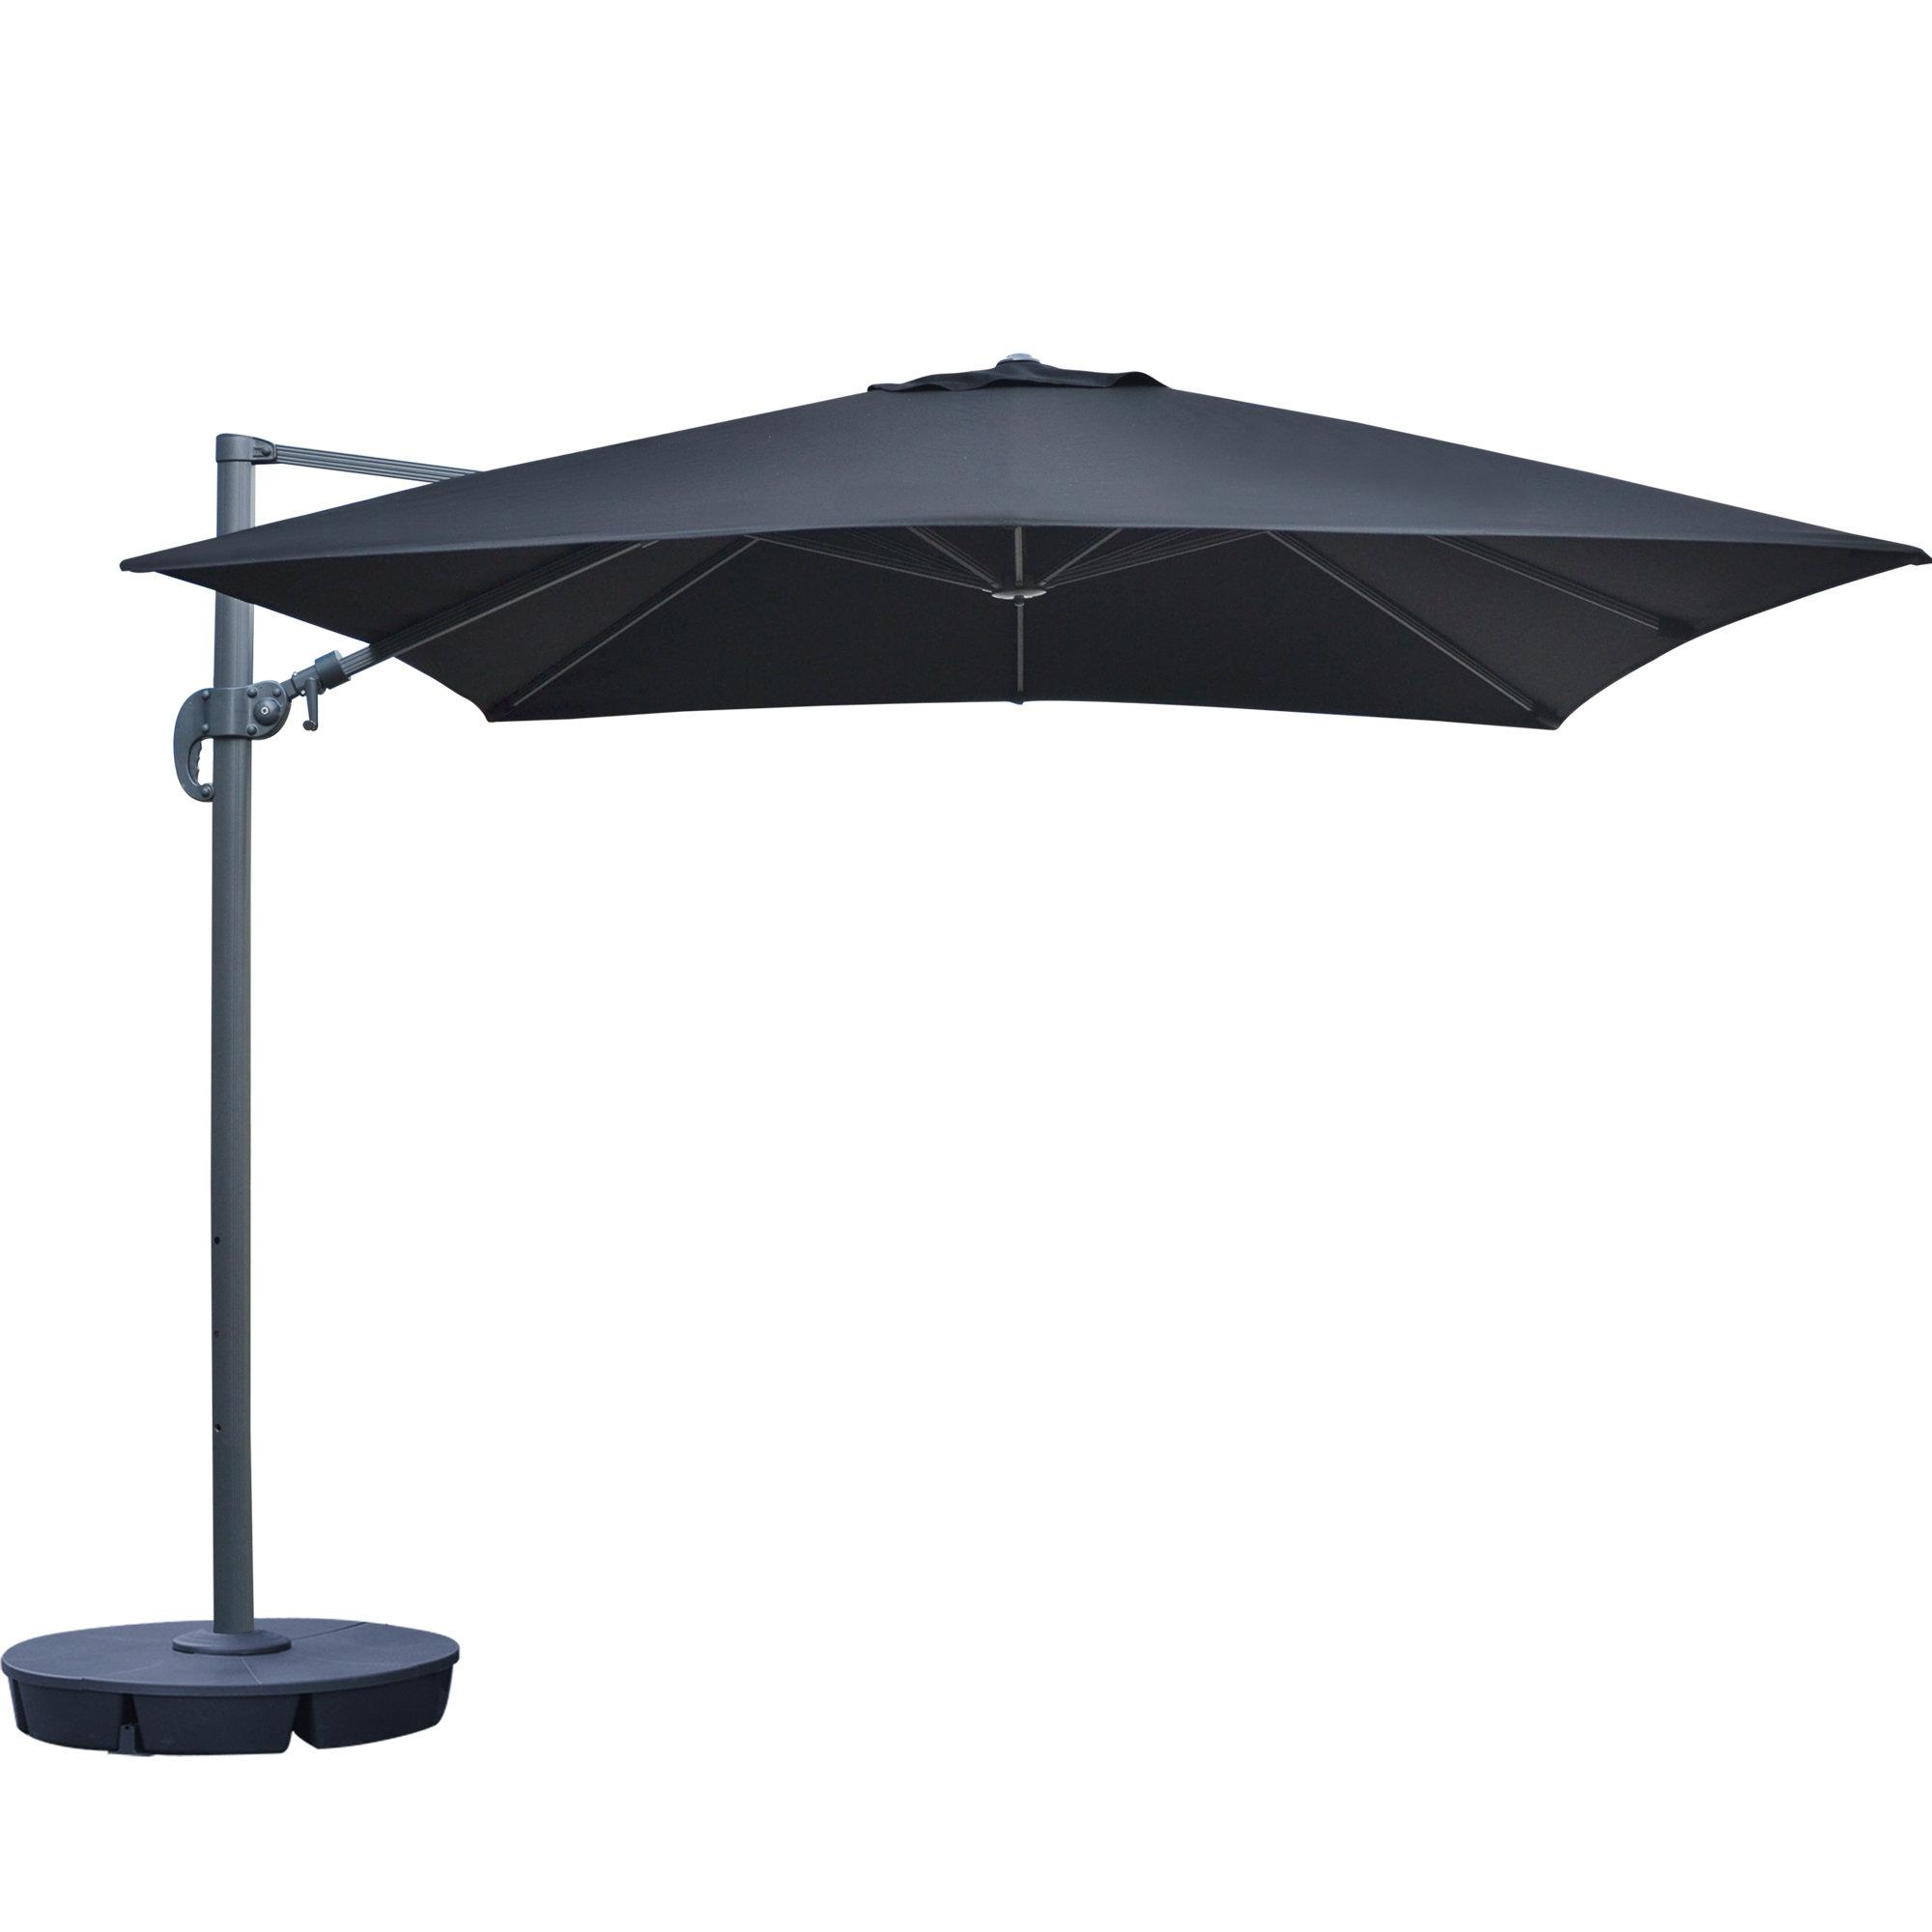 Ceylon Cantilever Sunbrella Umbrellas Intended For 2020 Freeport 10' Cantilever Sunbrella Umbrella (View 10 of 20)